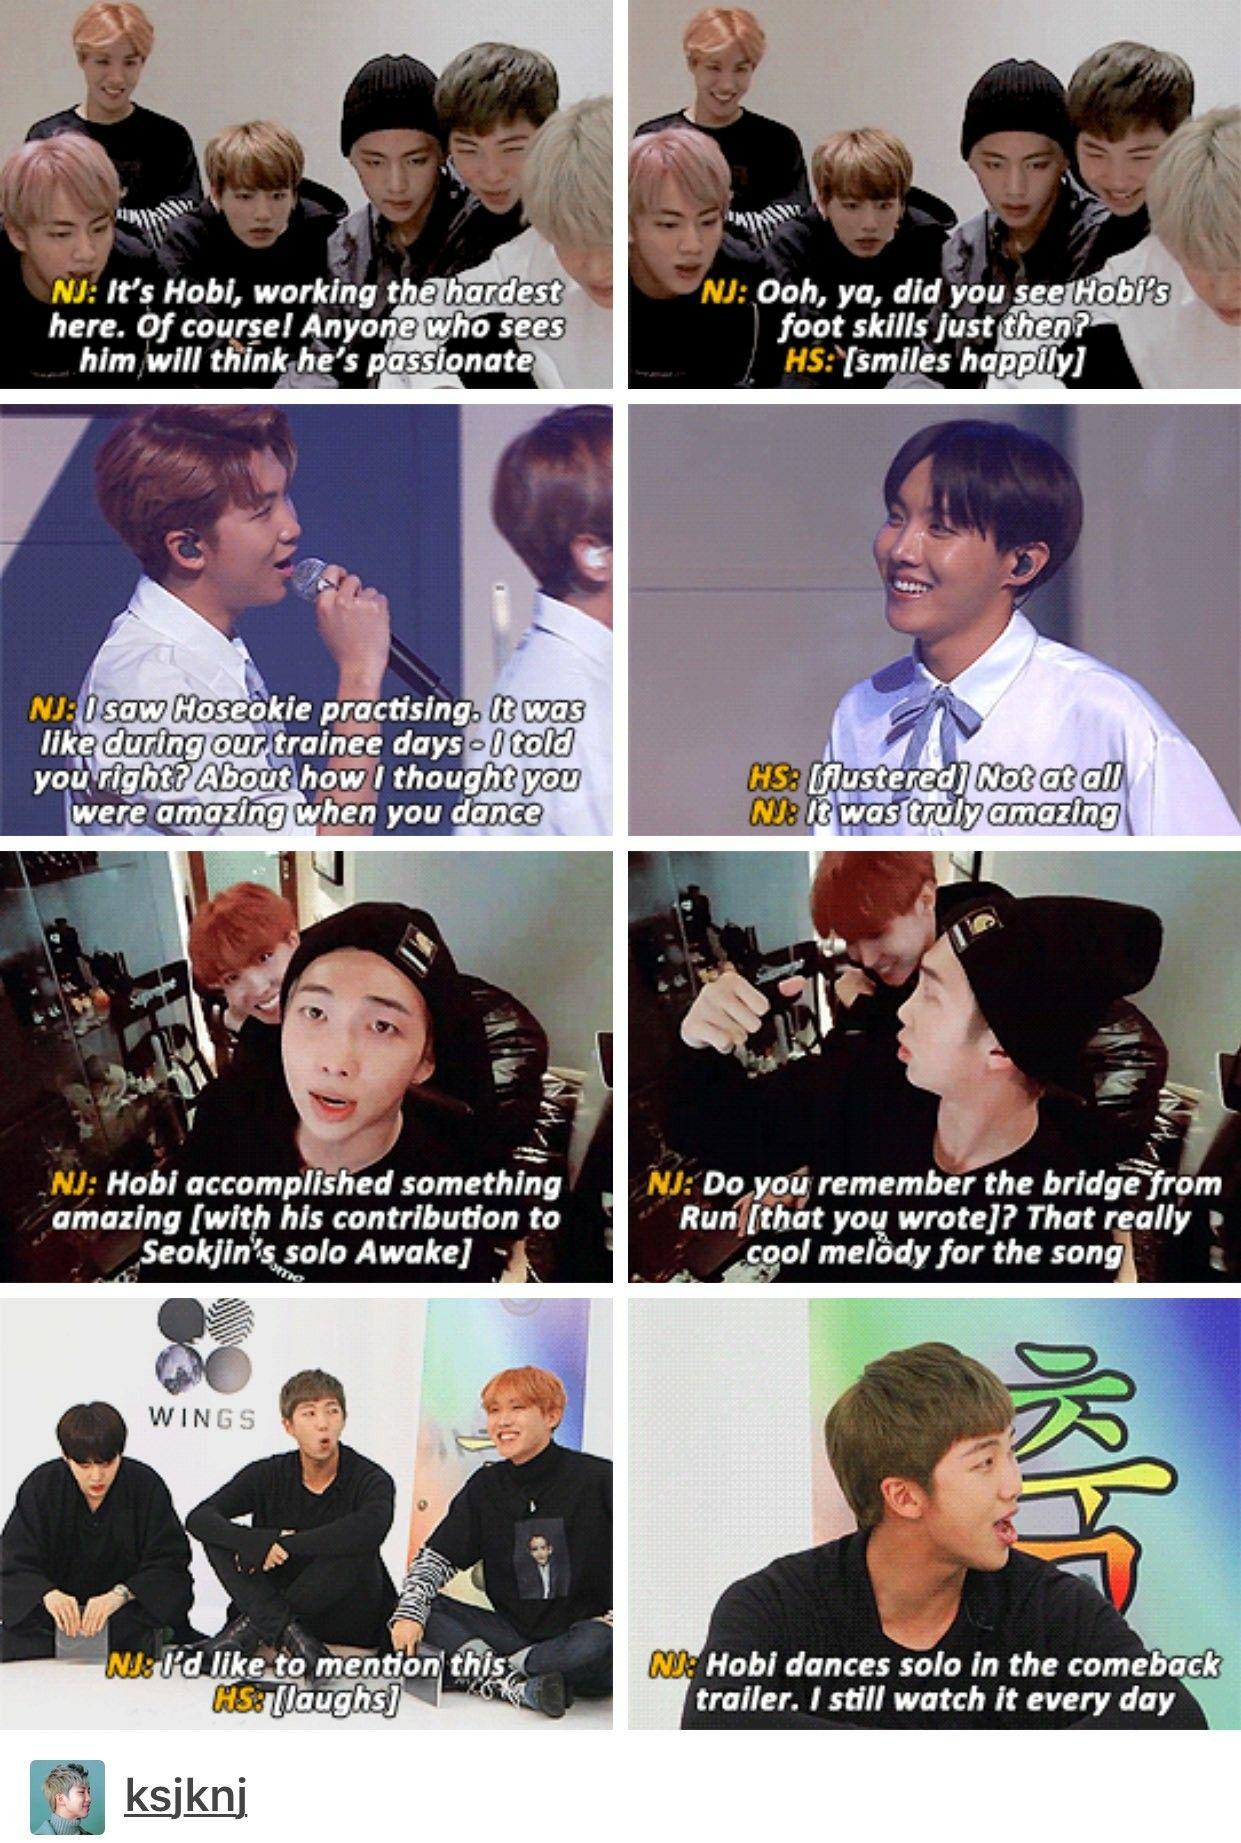 Namseok 94 Liners I Just Love How Joon Compliments Hobi And Hobi Gets Flustered Like Hobi You Deserve The Complime Bts Funny Kpop Memes Bts Hoseok Bts